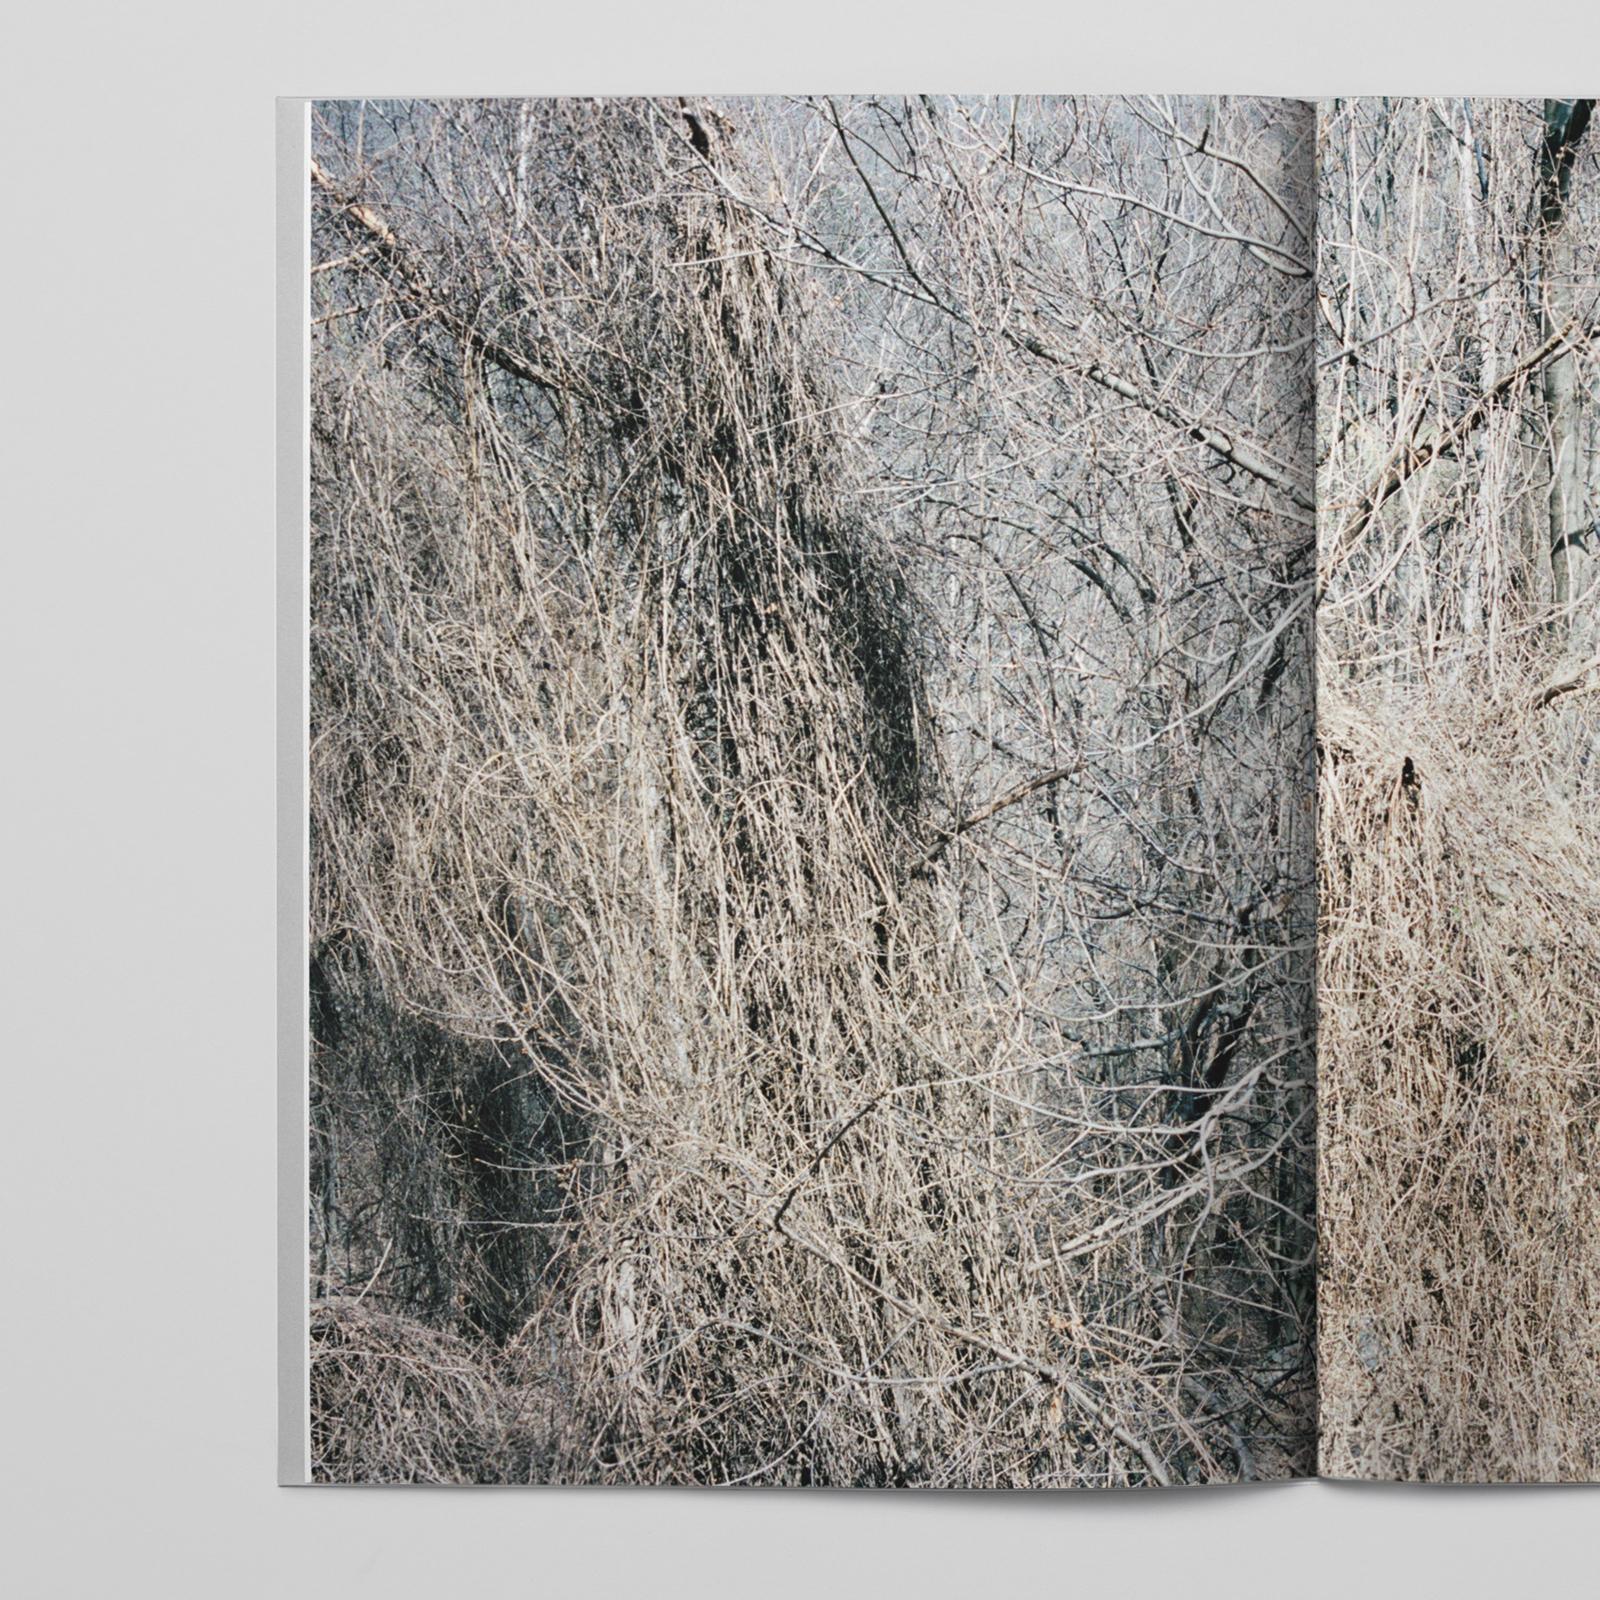 Johan Sandberg — D-Aosta_0014_Lager 7